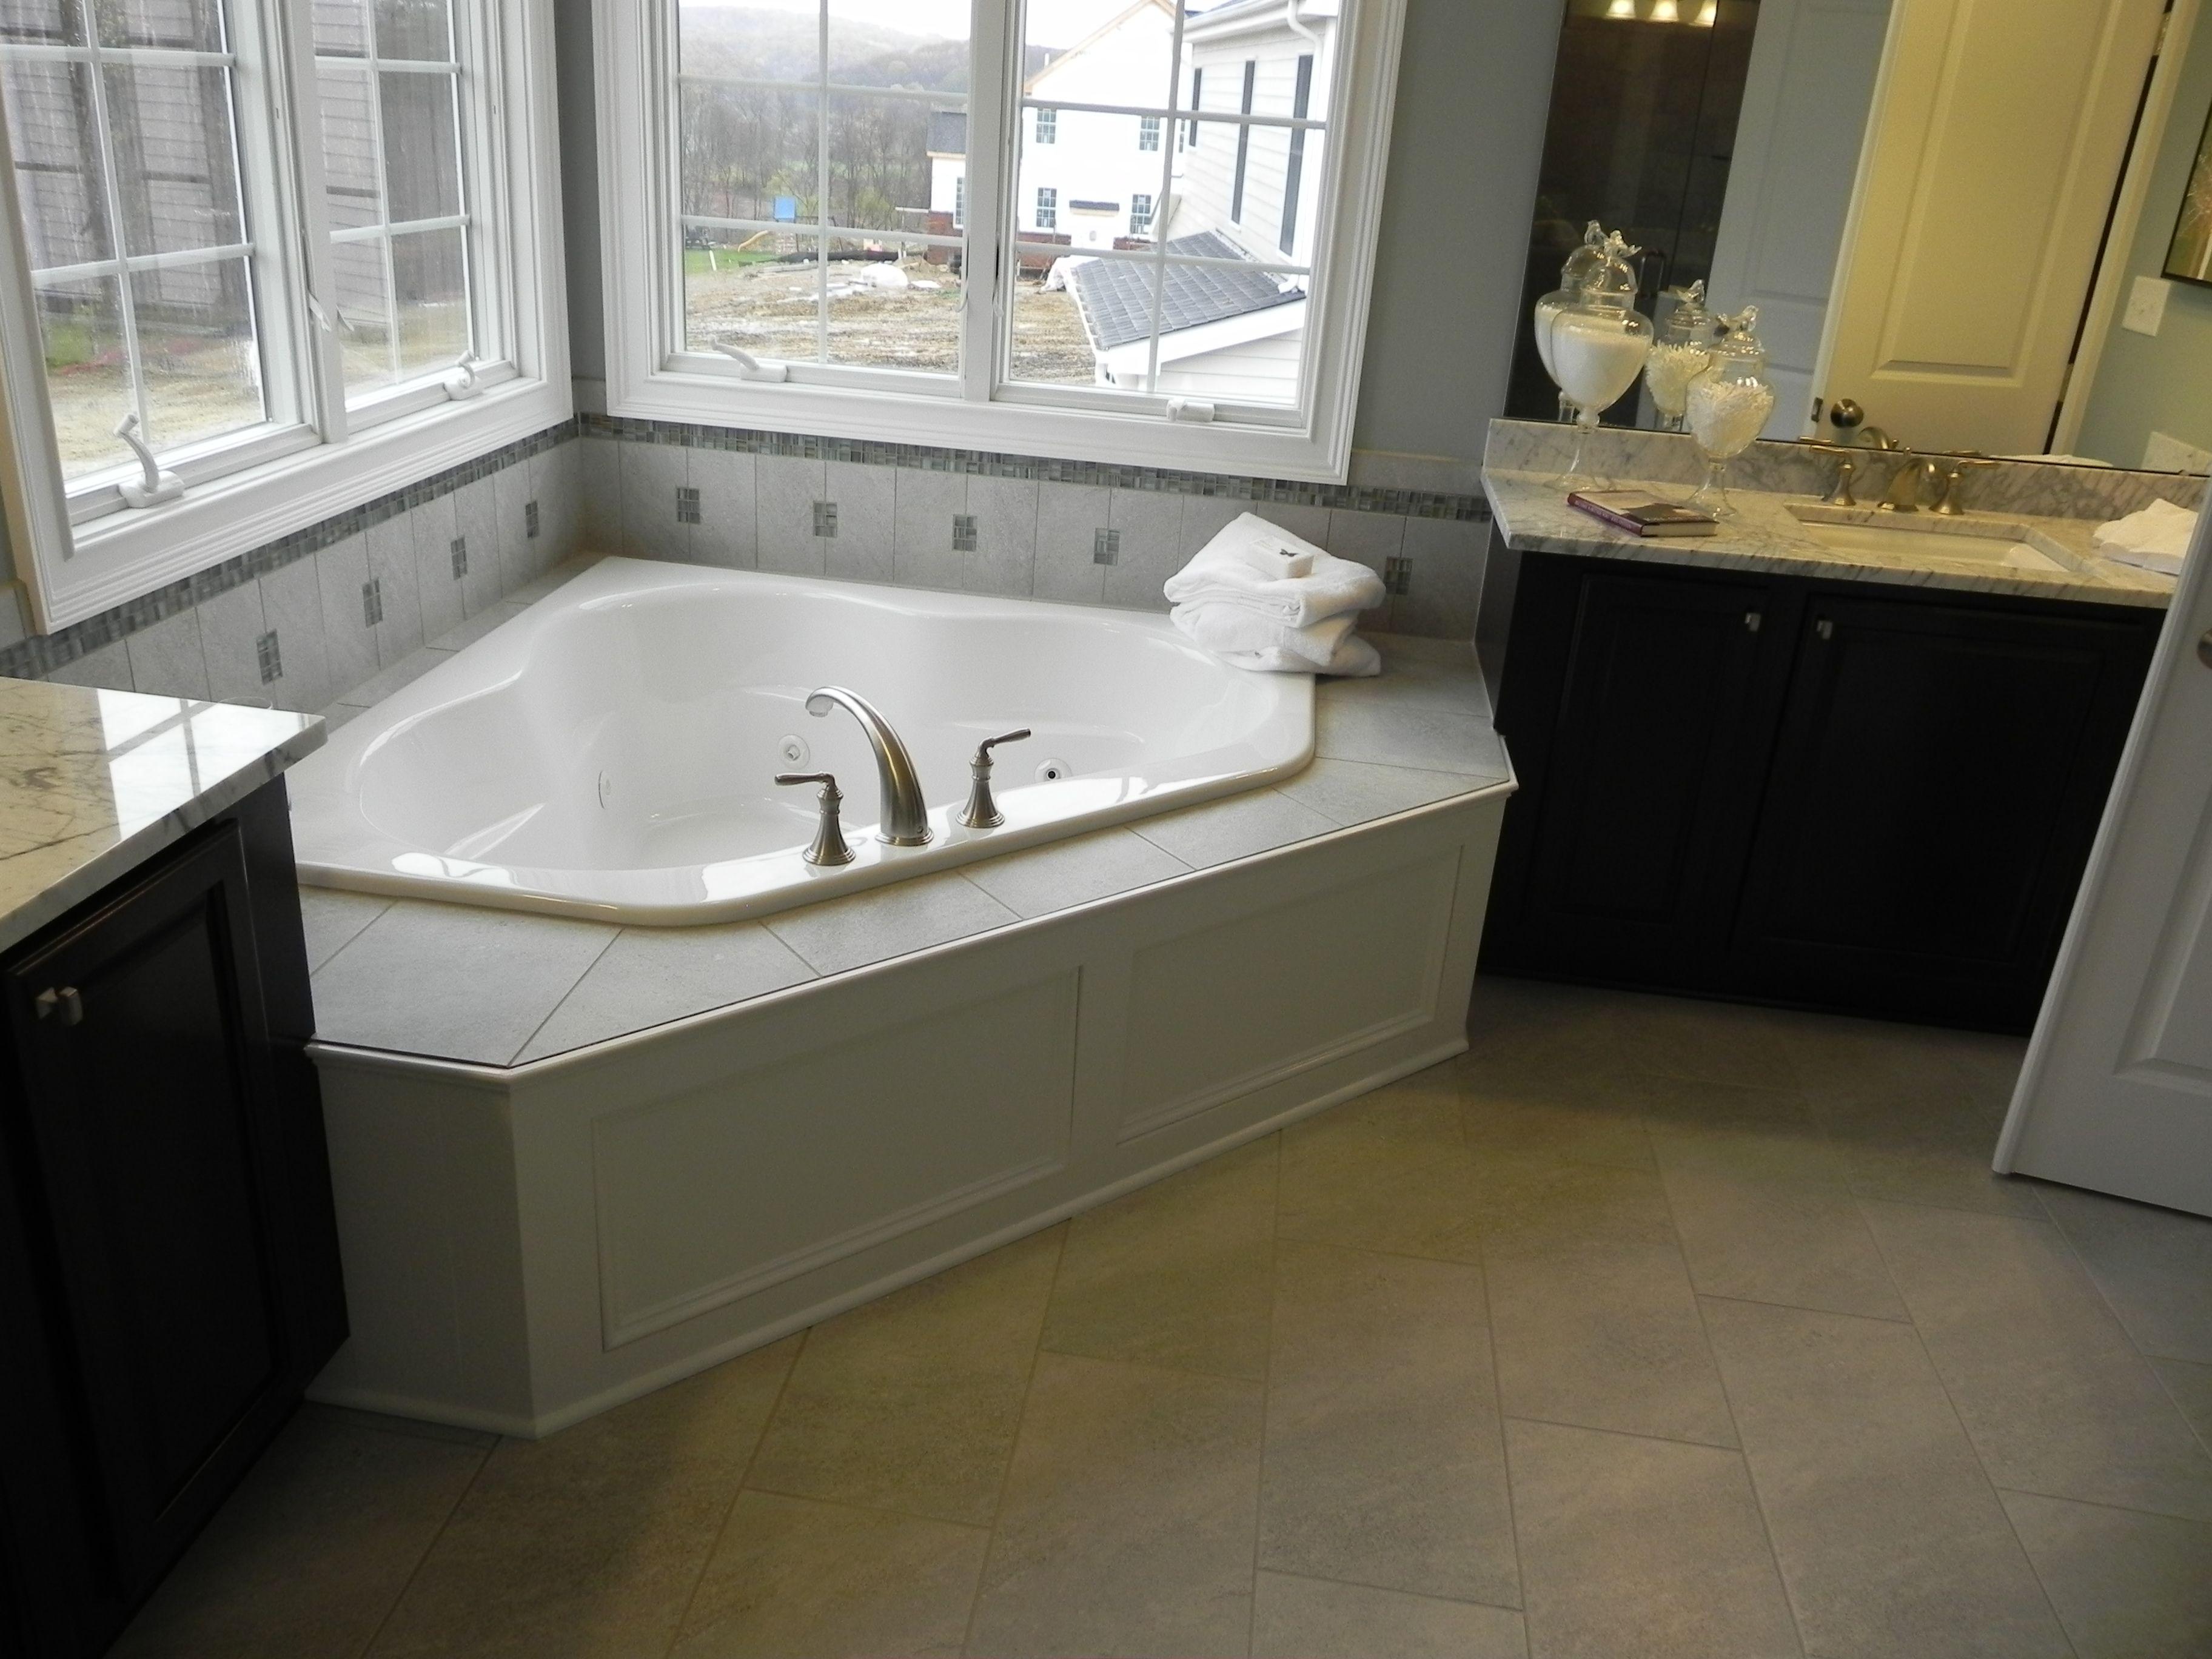 Corner Tub In Master Bedroom